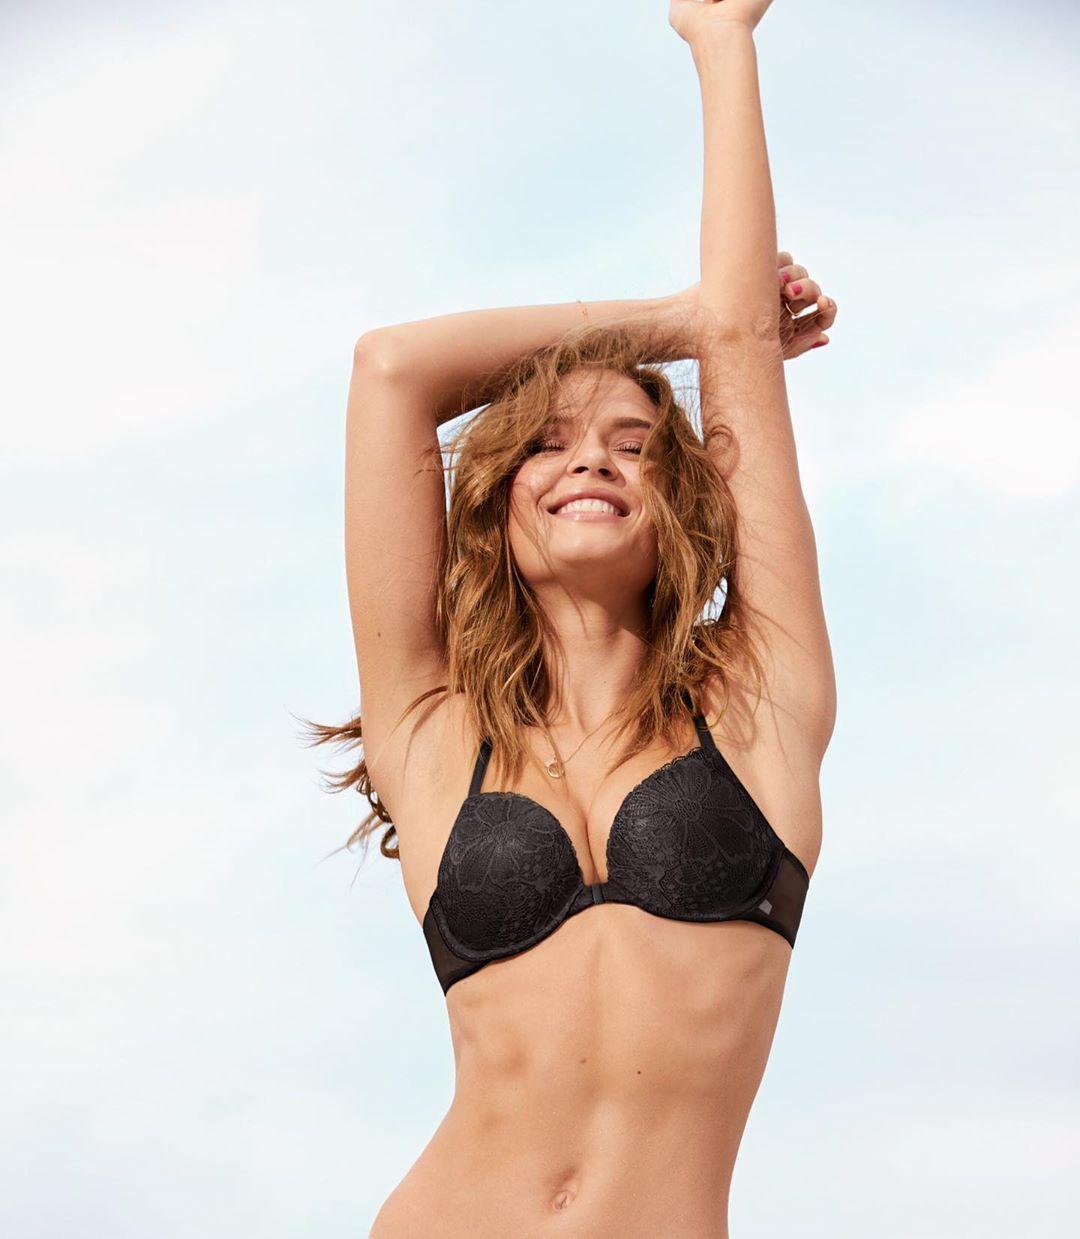 Кружевной бюстгальтер push up Victoria's Secret art471166 (Черный, размер 32A)